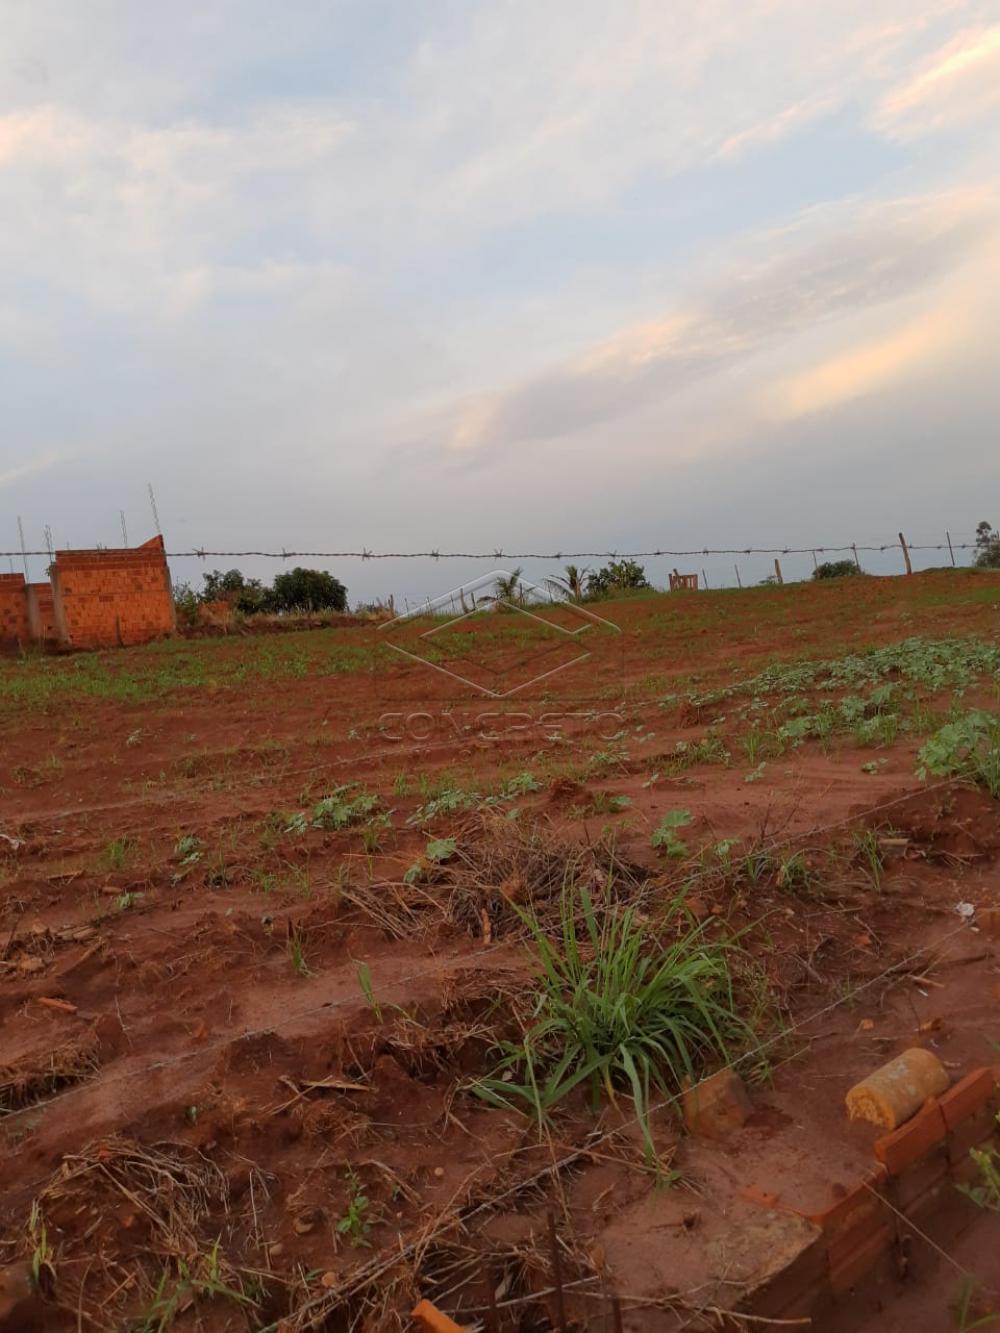 Comprar Rural / Chácara / Fazenda em Macatuba R$ 120.000,00 - Foto 9